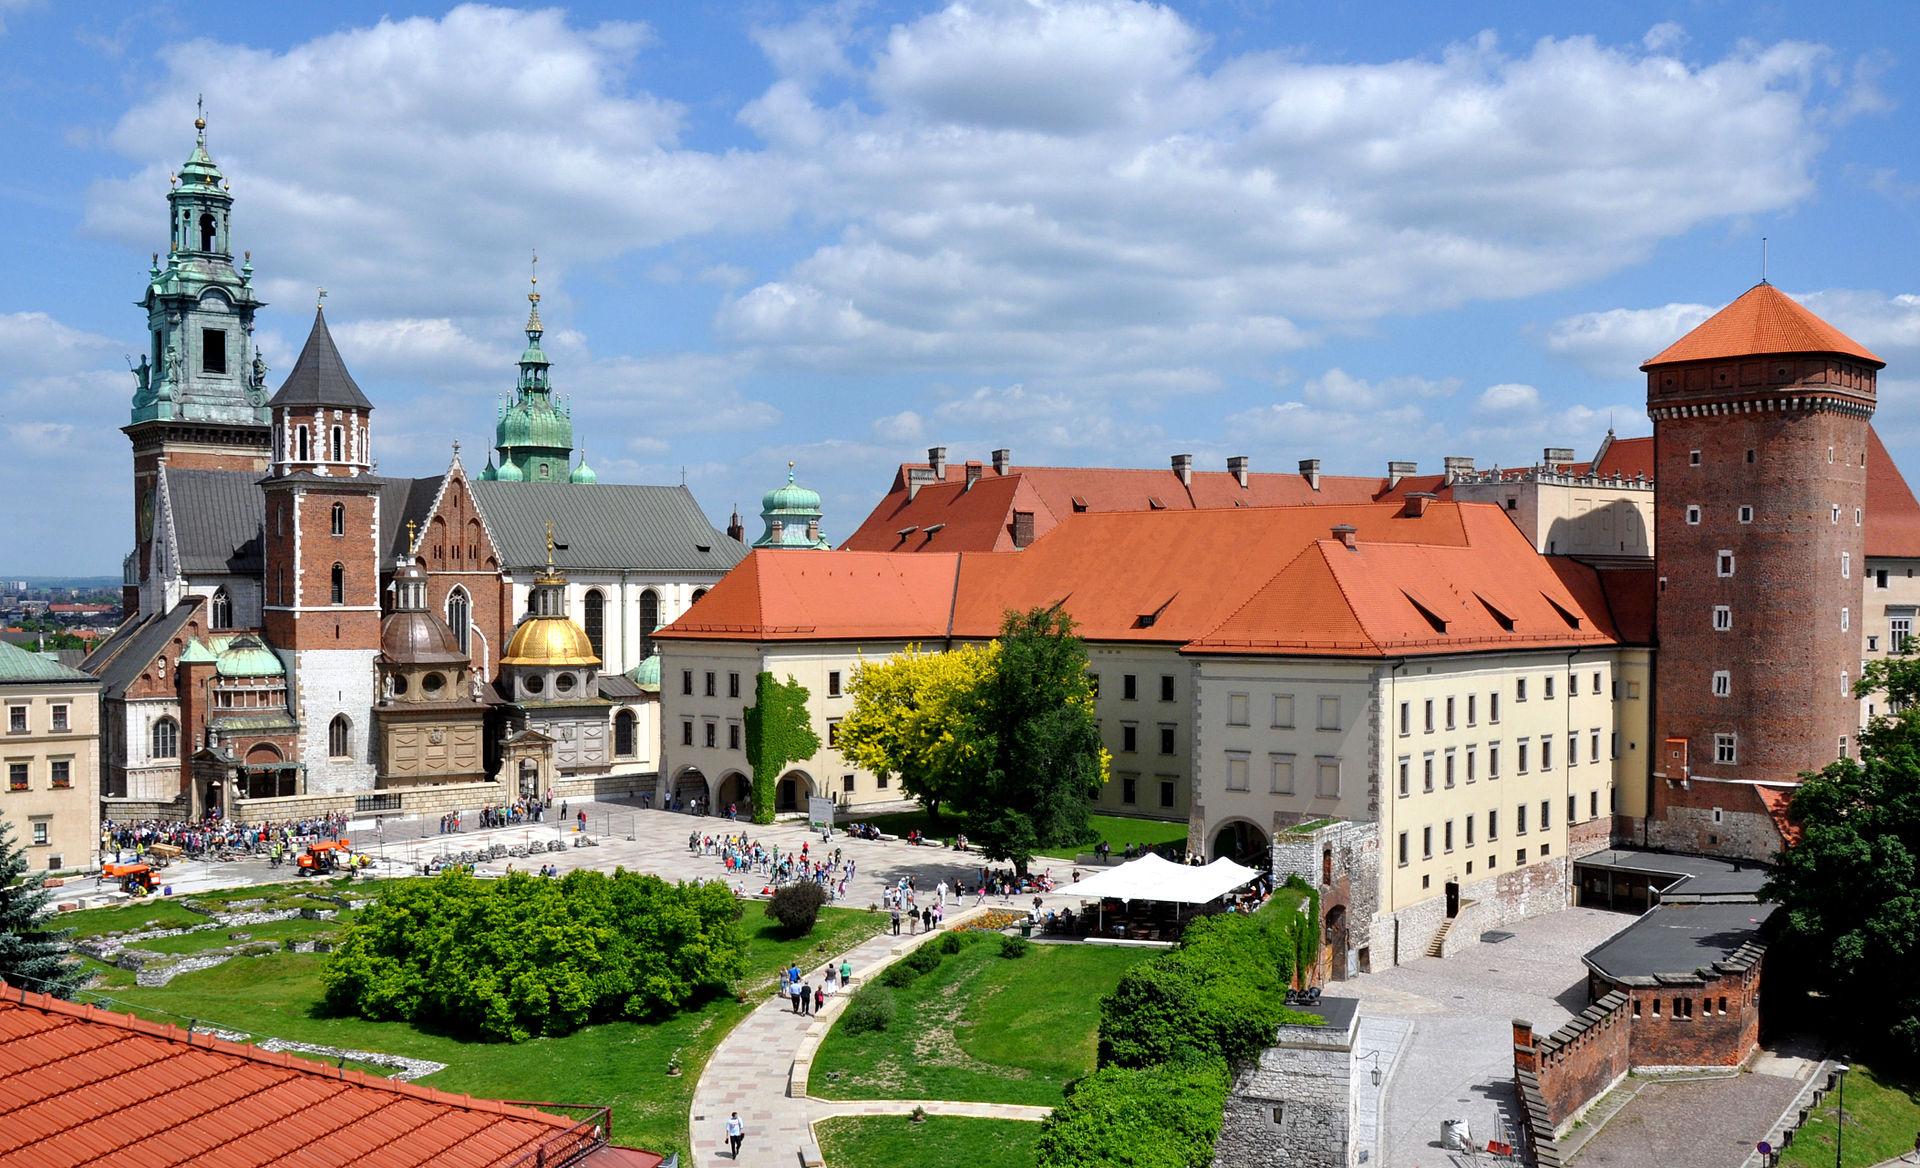 Wycieczka do Zamku Królewskiego na Wawelu